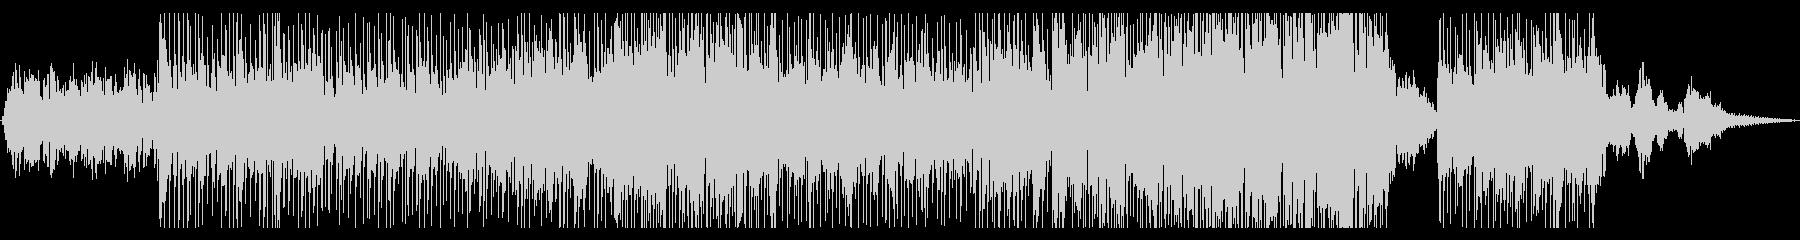 英語/女性ボーカル/生録/クールなR&Bの未再生の波形